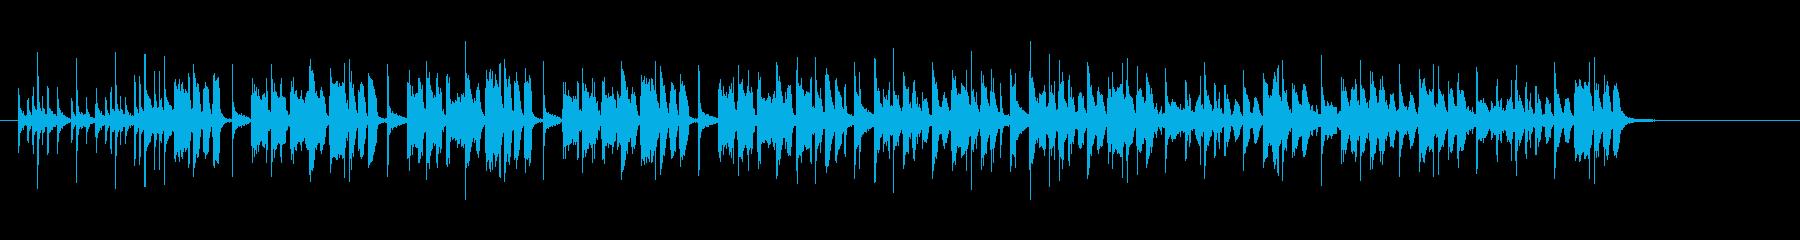 コーマーシャルソング風わくわくポップの再生済みの波形